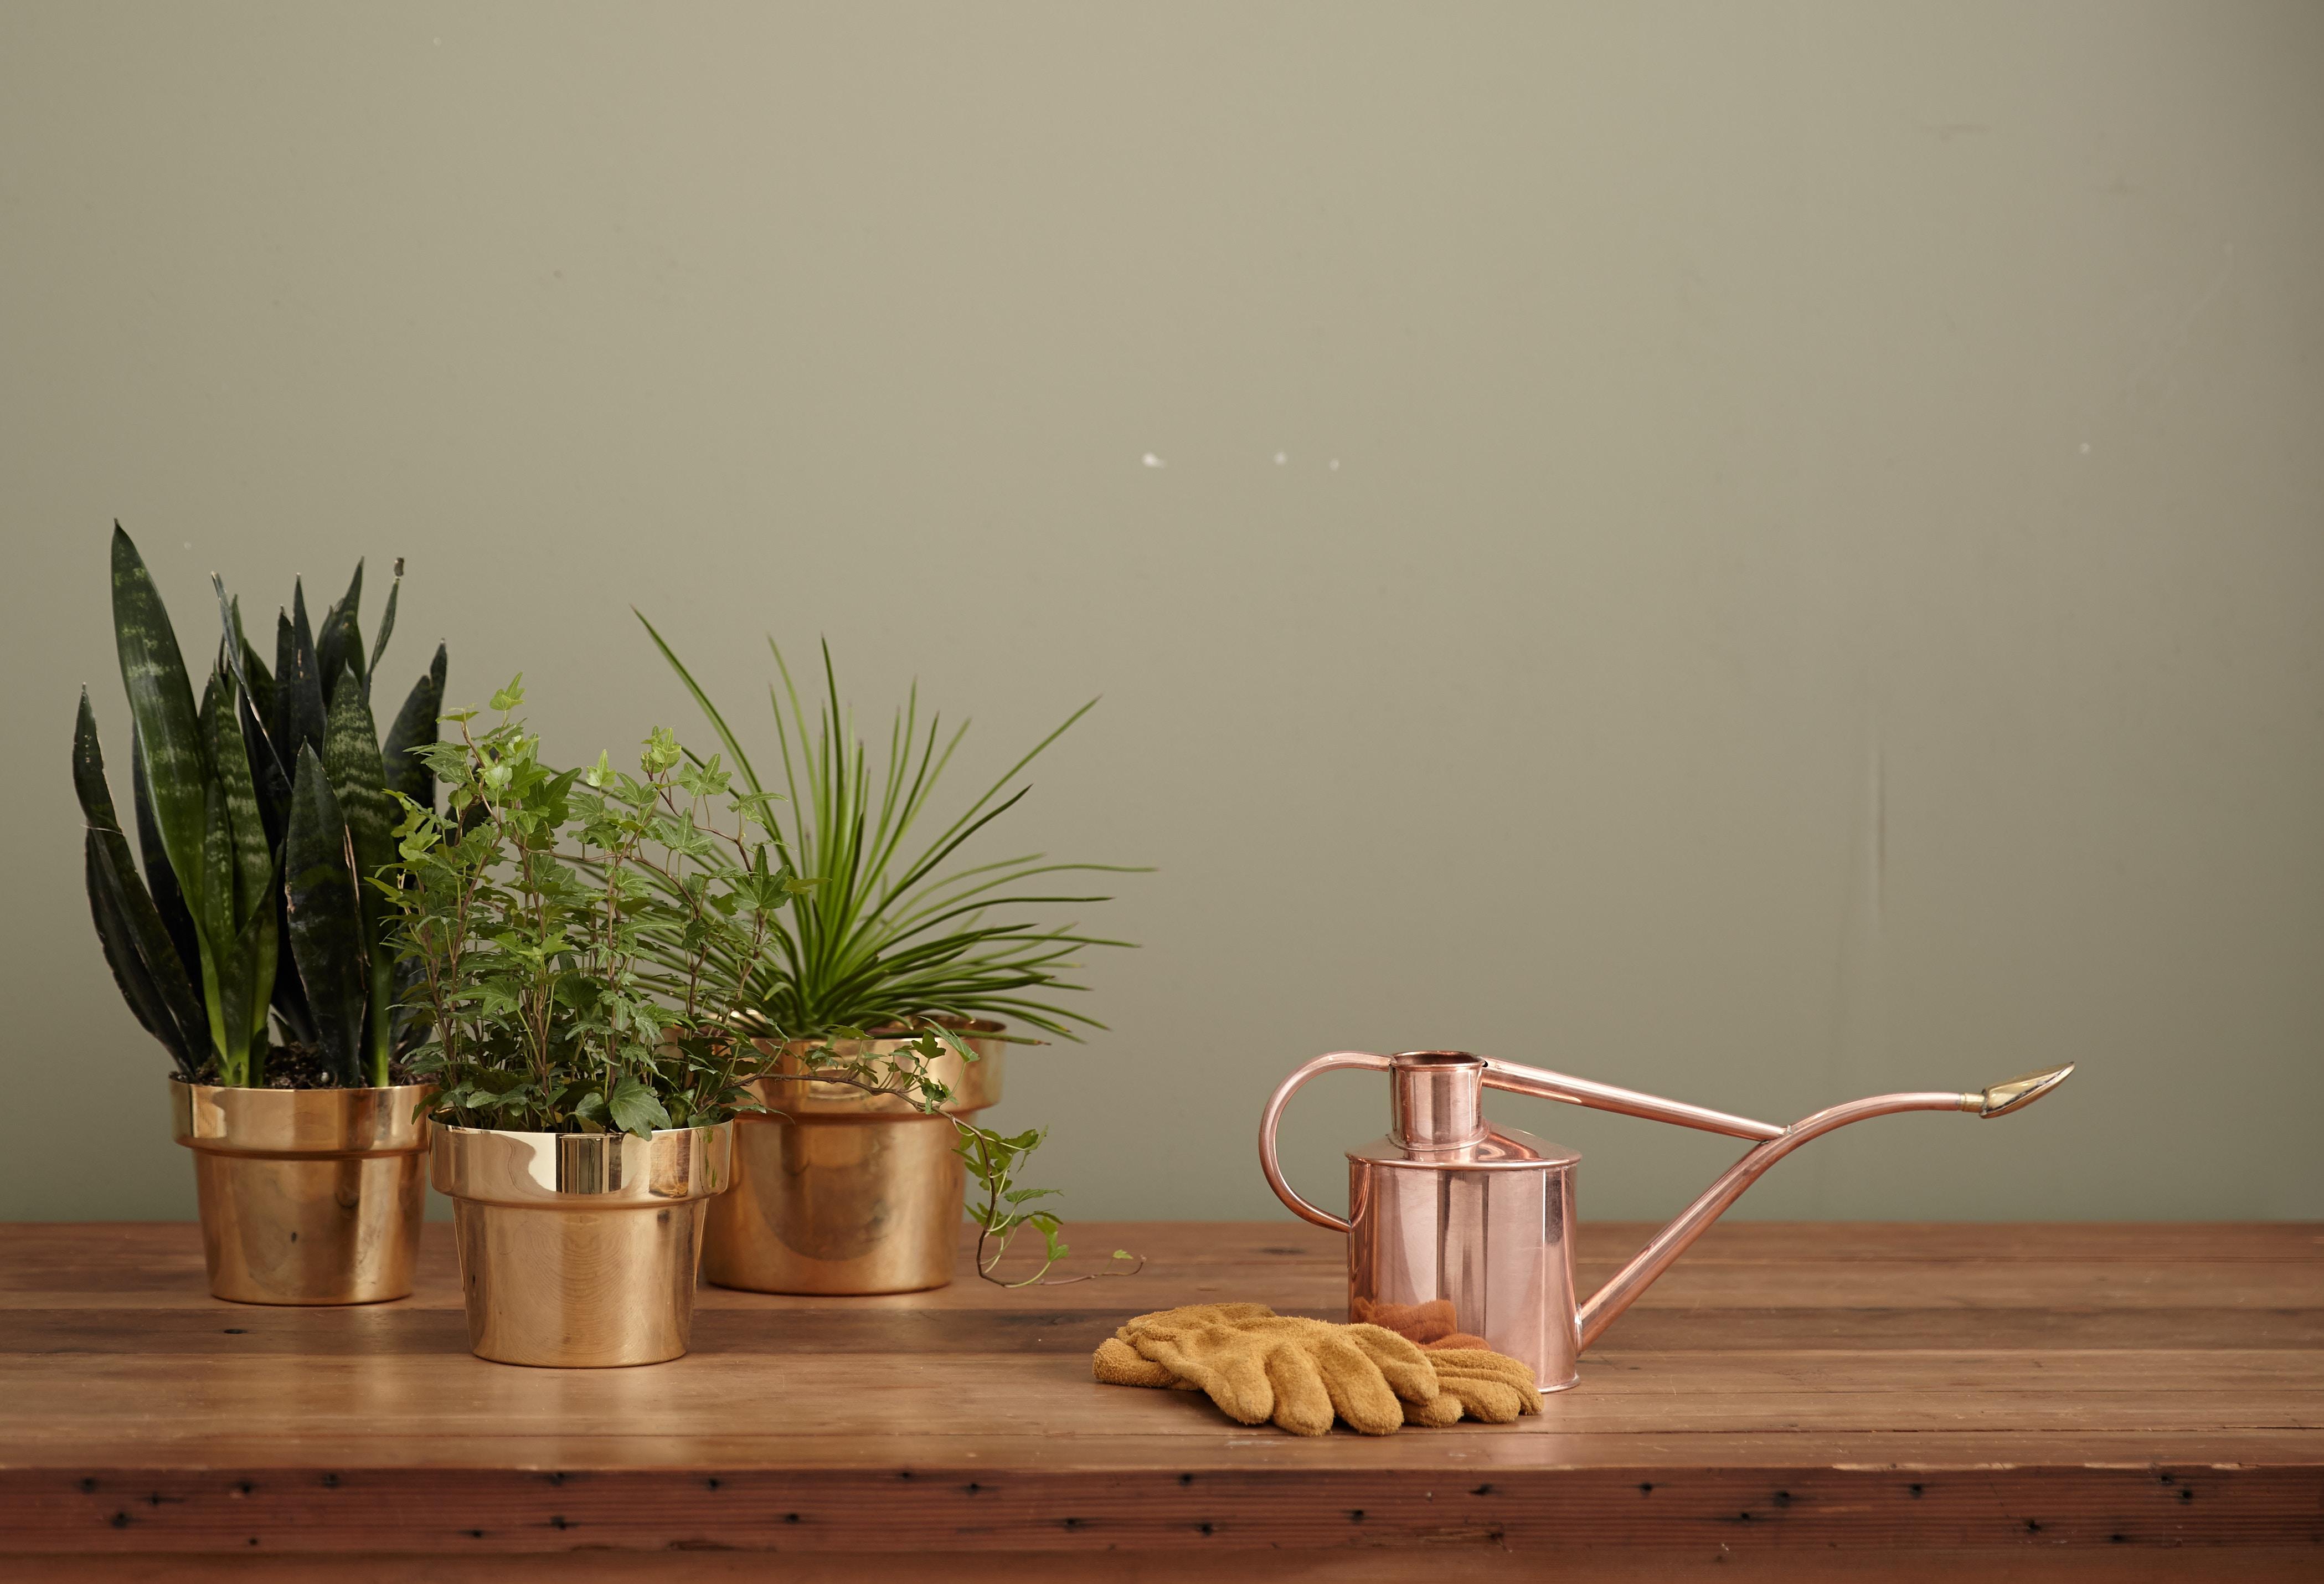 風水にはパキラがいい?運気UPにオススメ観葉植物の効果と置き場所